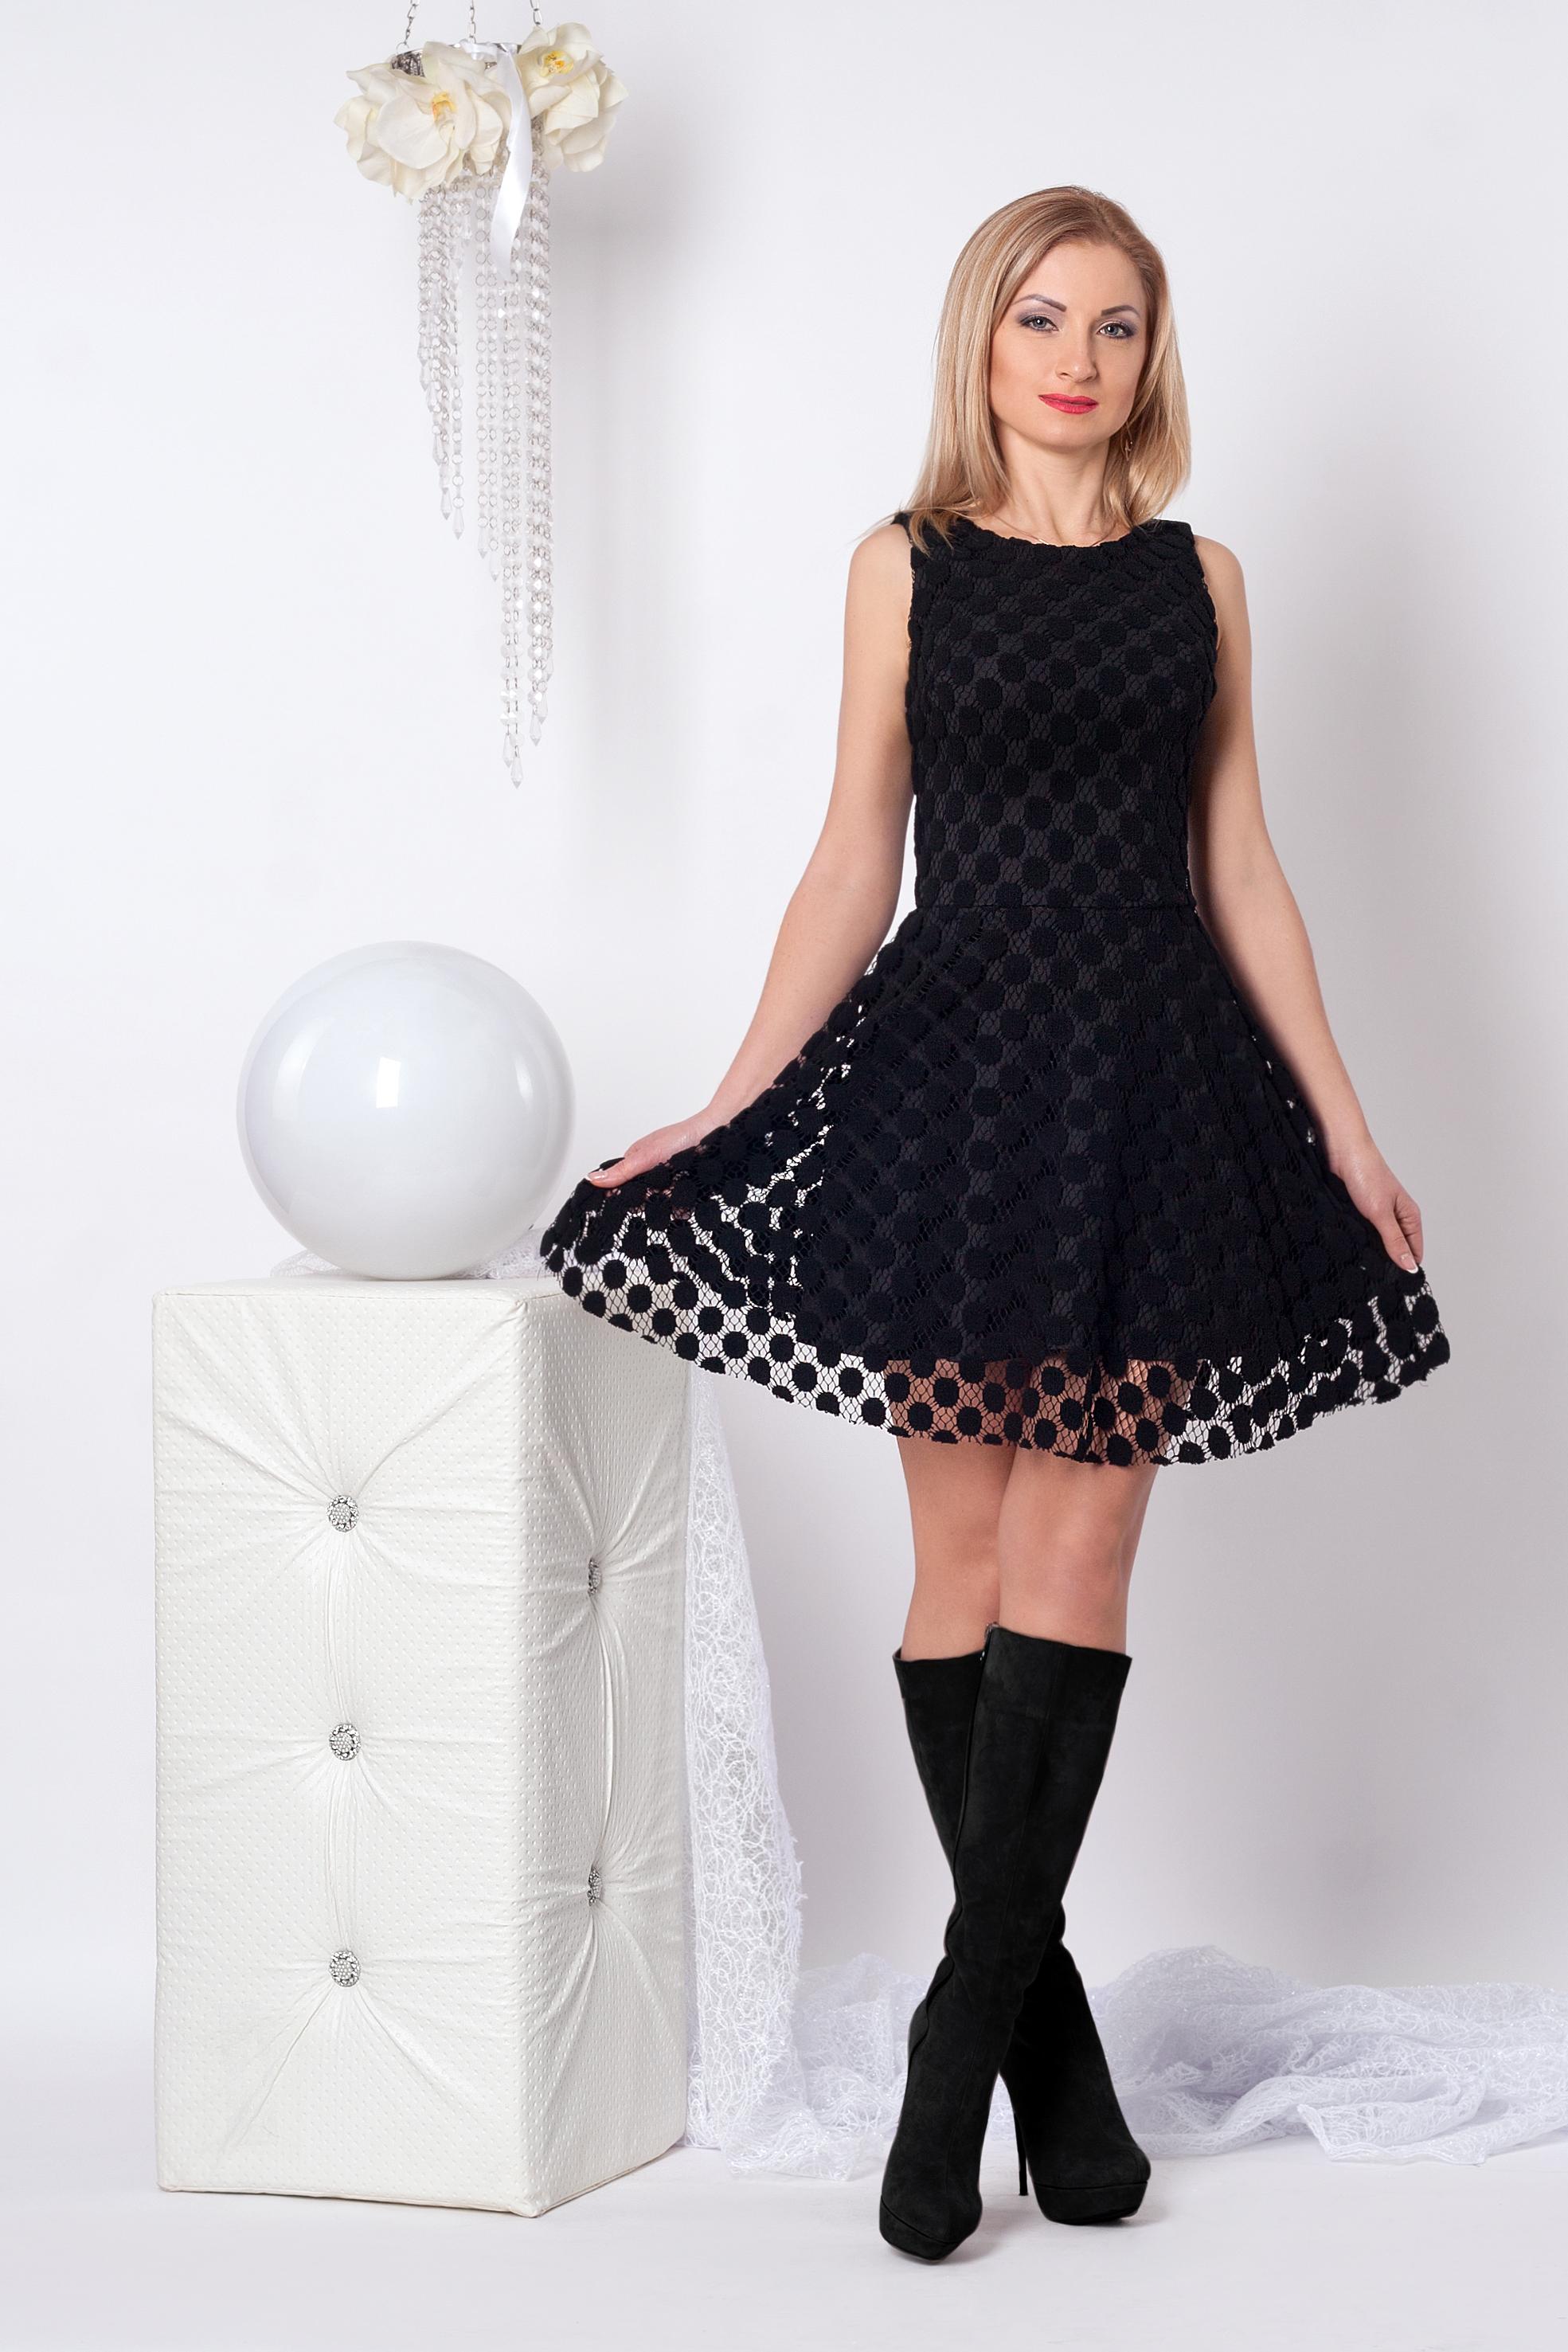 Нарядное женское платье 966 - Фотогалерея стильной одежды - Купити ... 0155a7542ed33